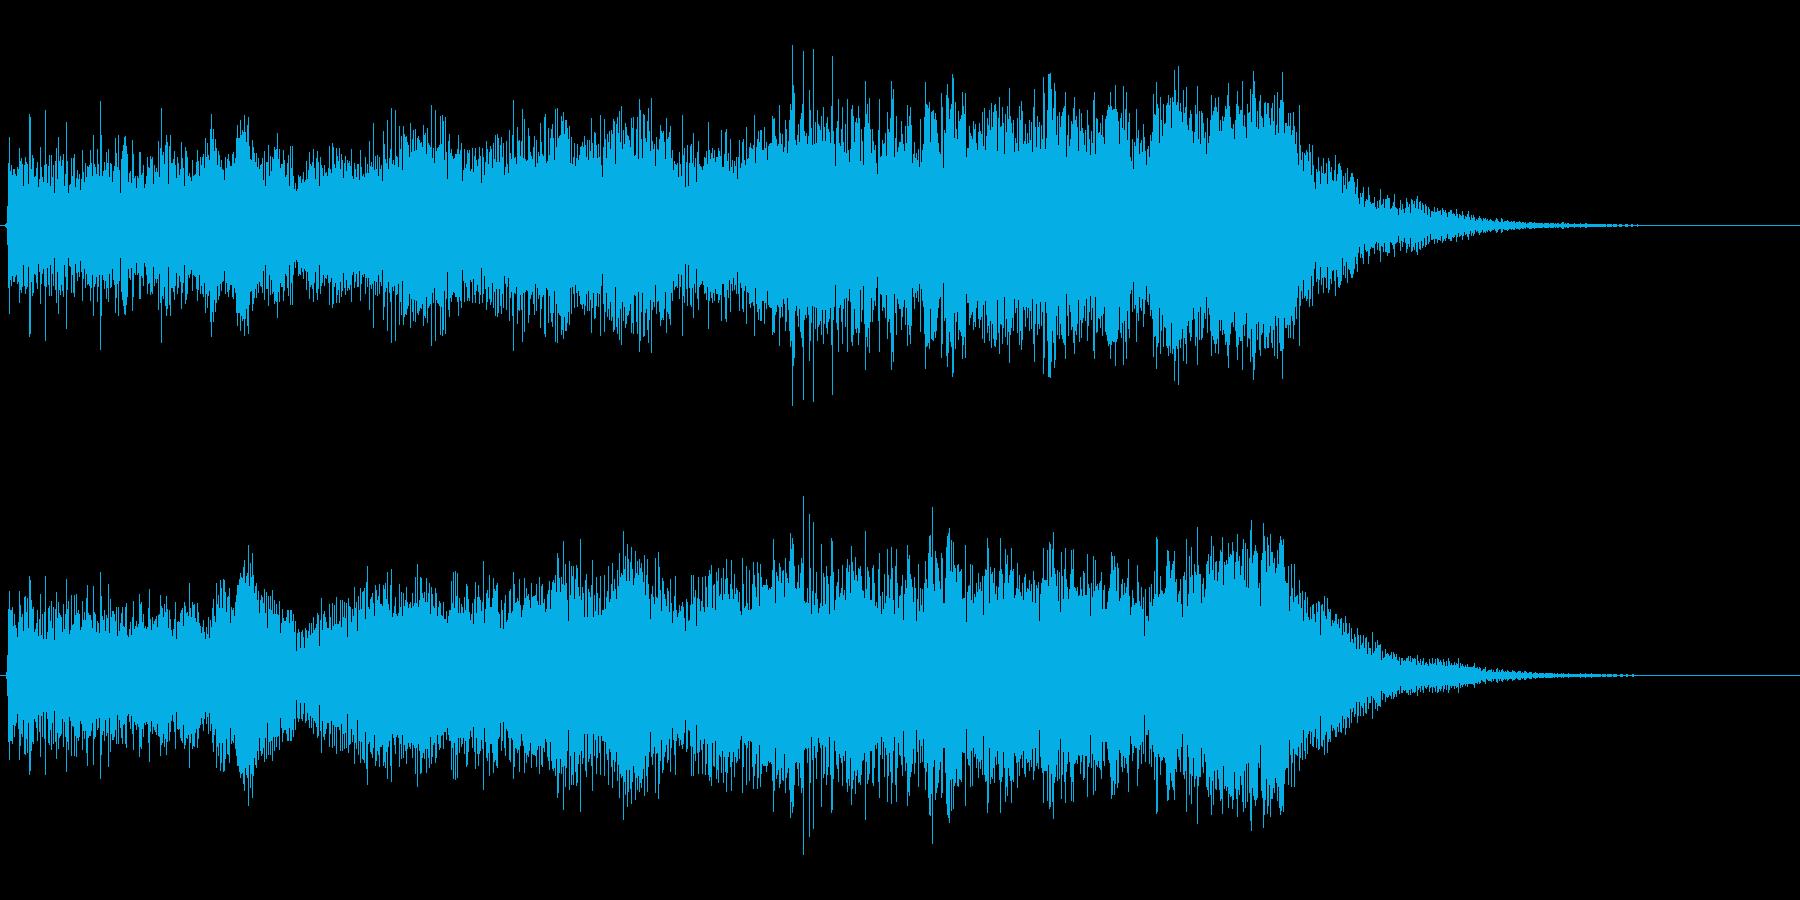 レアアイテムをドロップした時のジングルの再生済みの波形